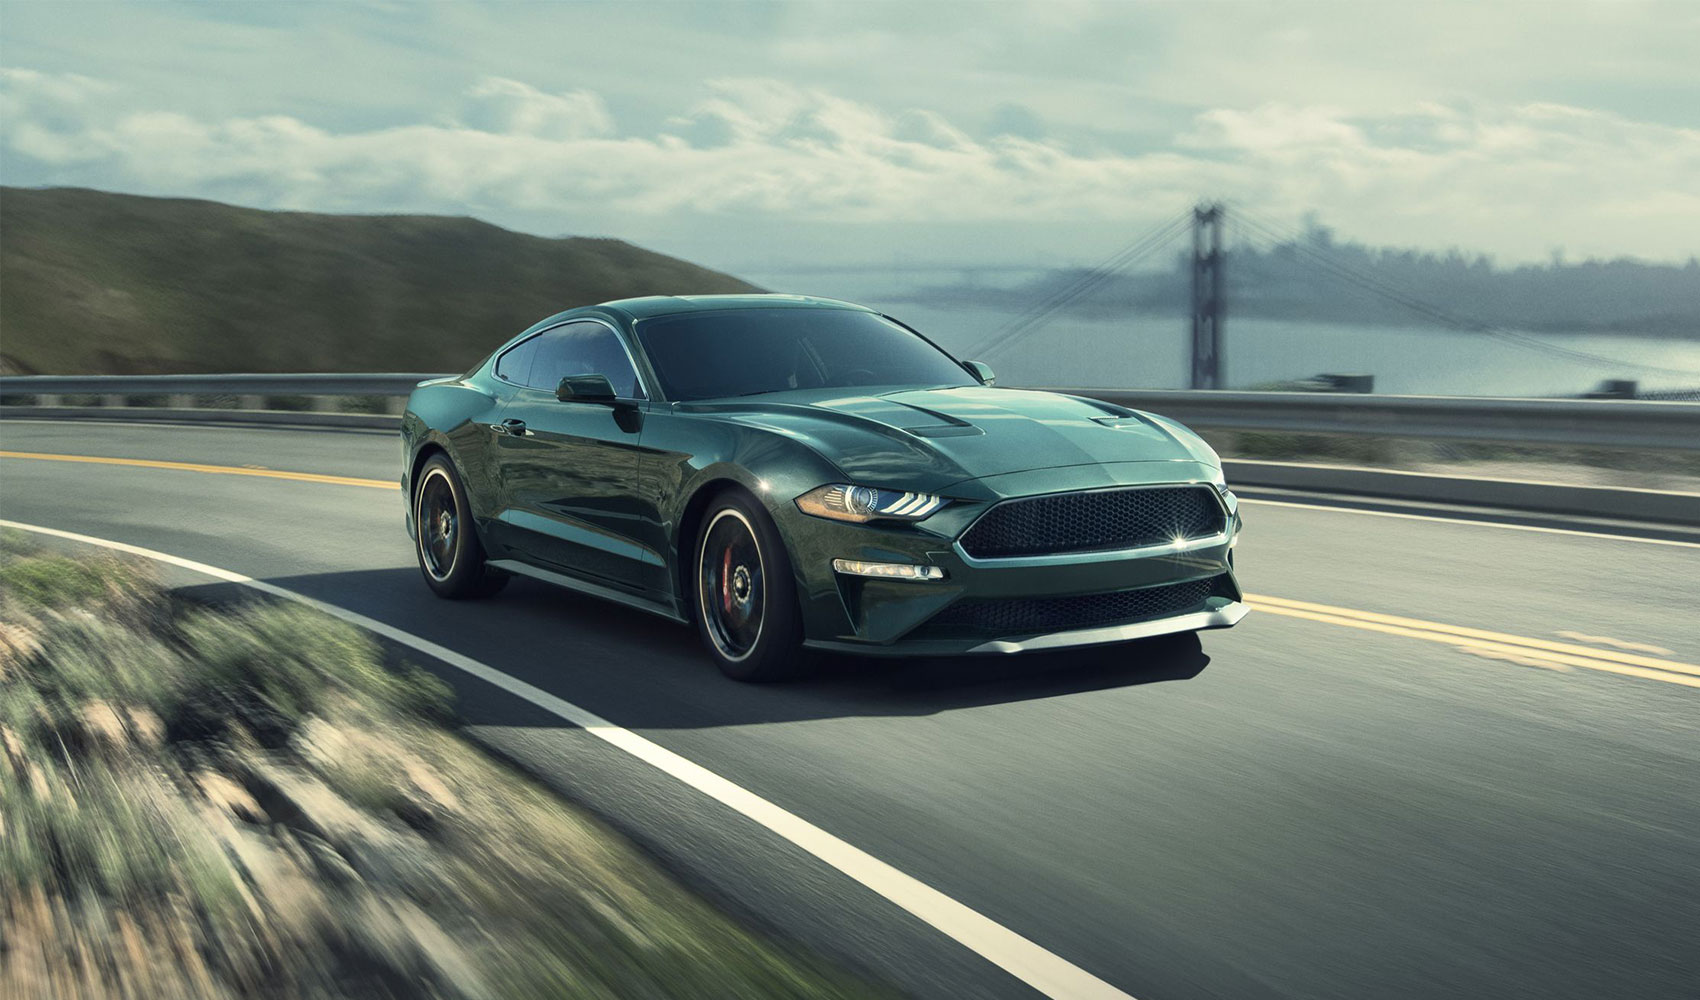 The new Steve McQueen-approved Ford Mustang Bullitt